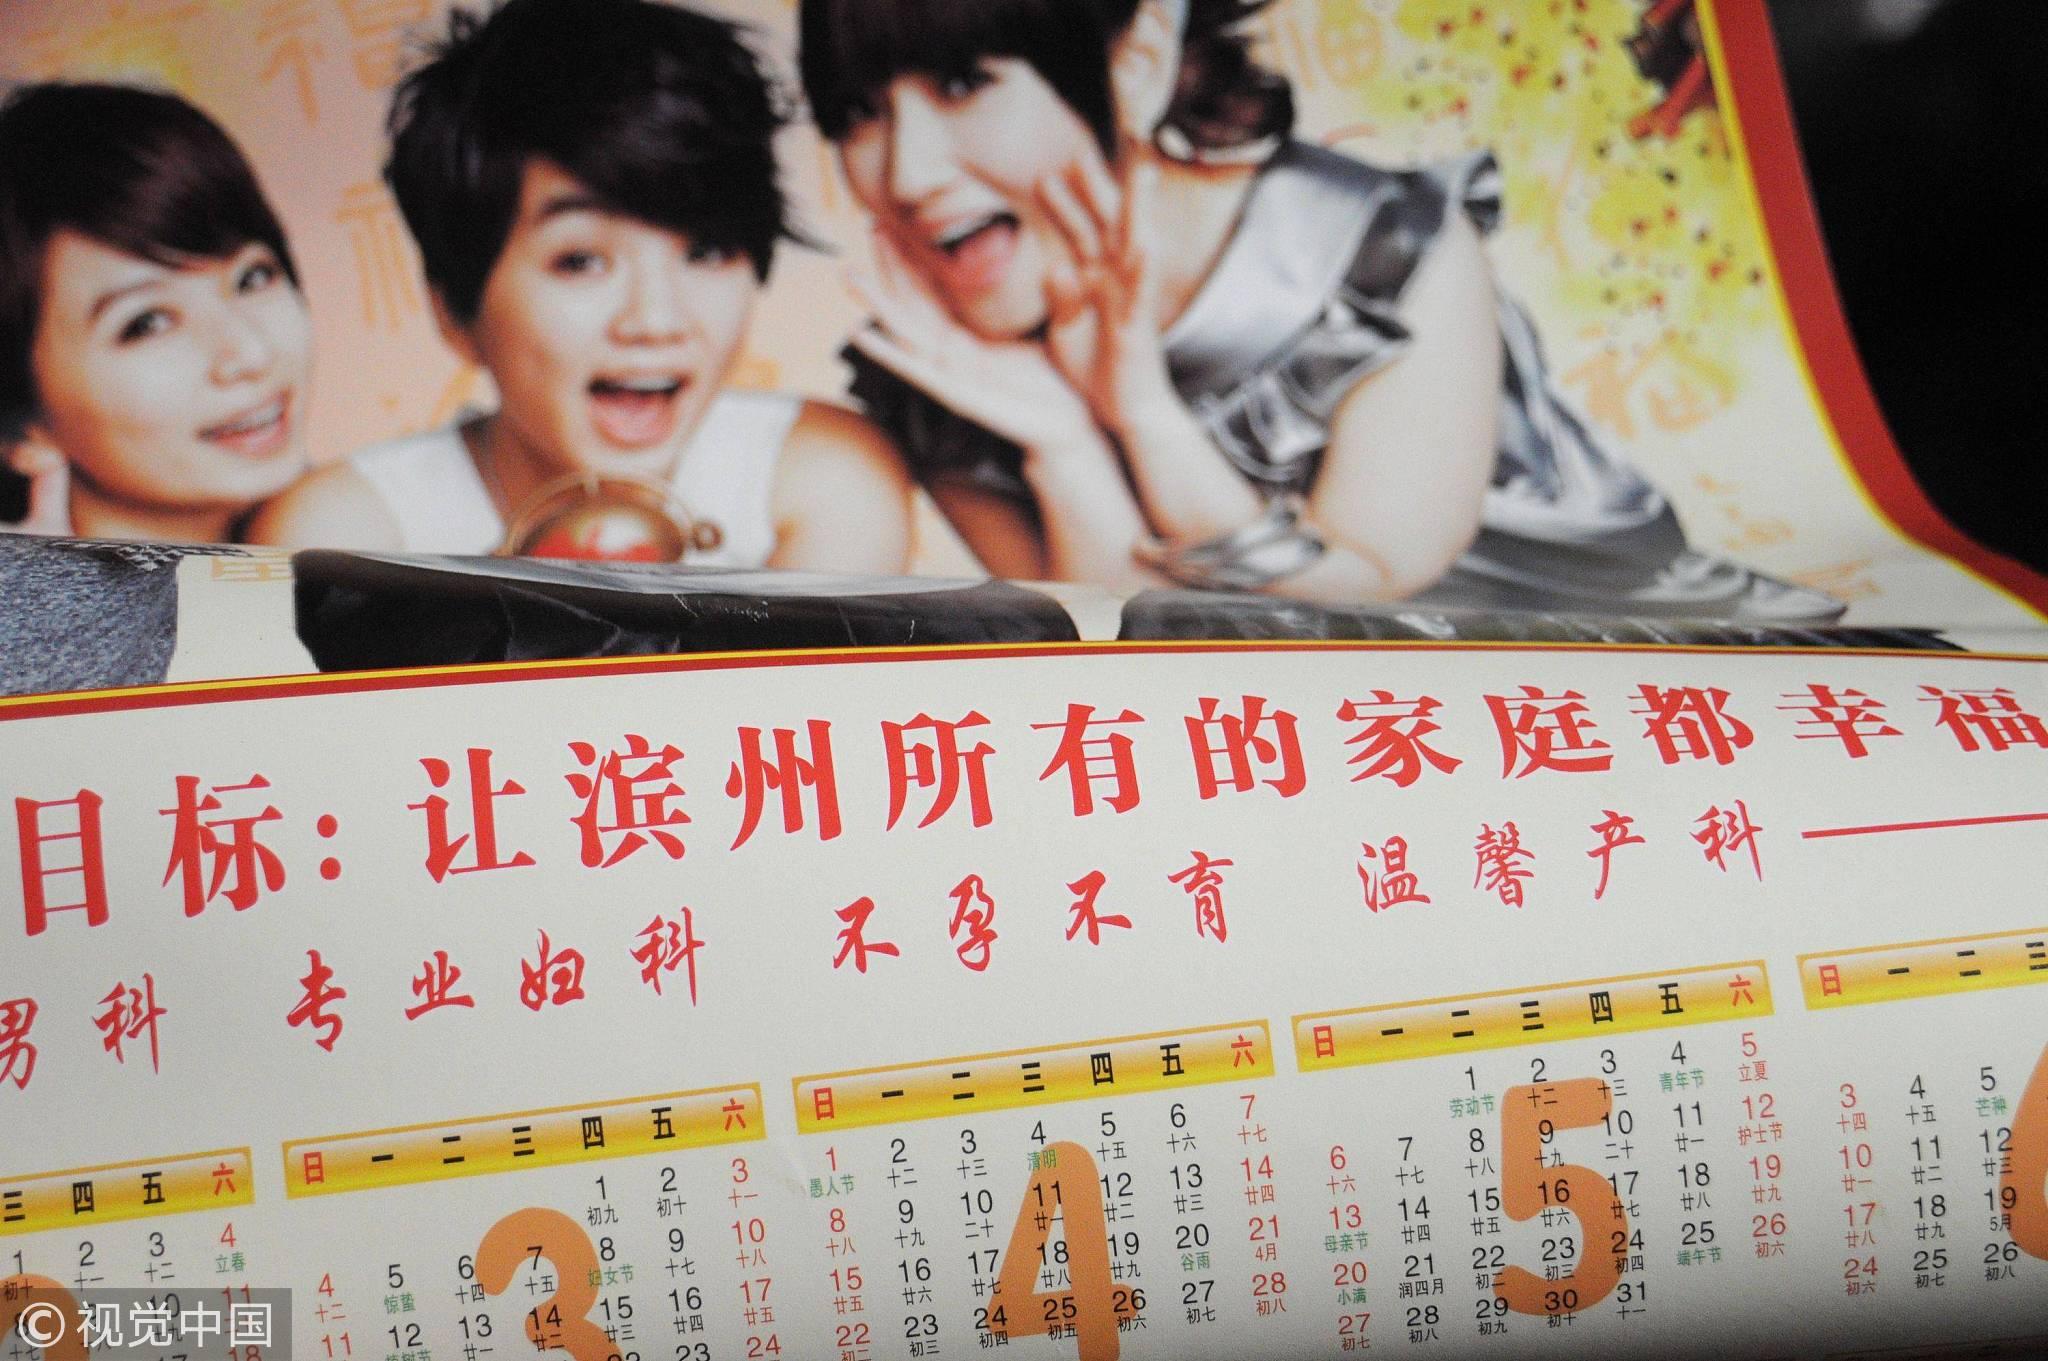 莆田系不育不孕、男科妇科医院出版的非法杂志上刊登的明星图片/视觉中国